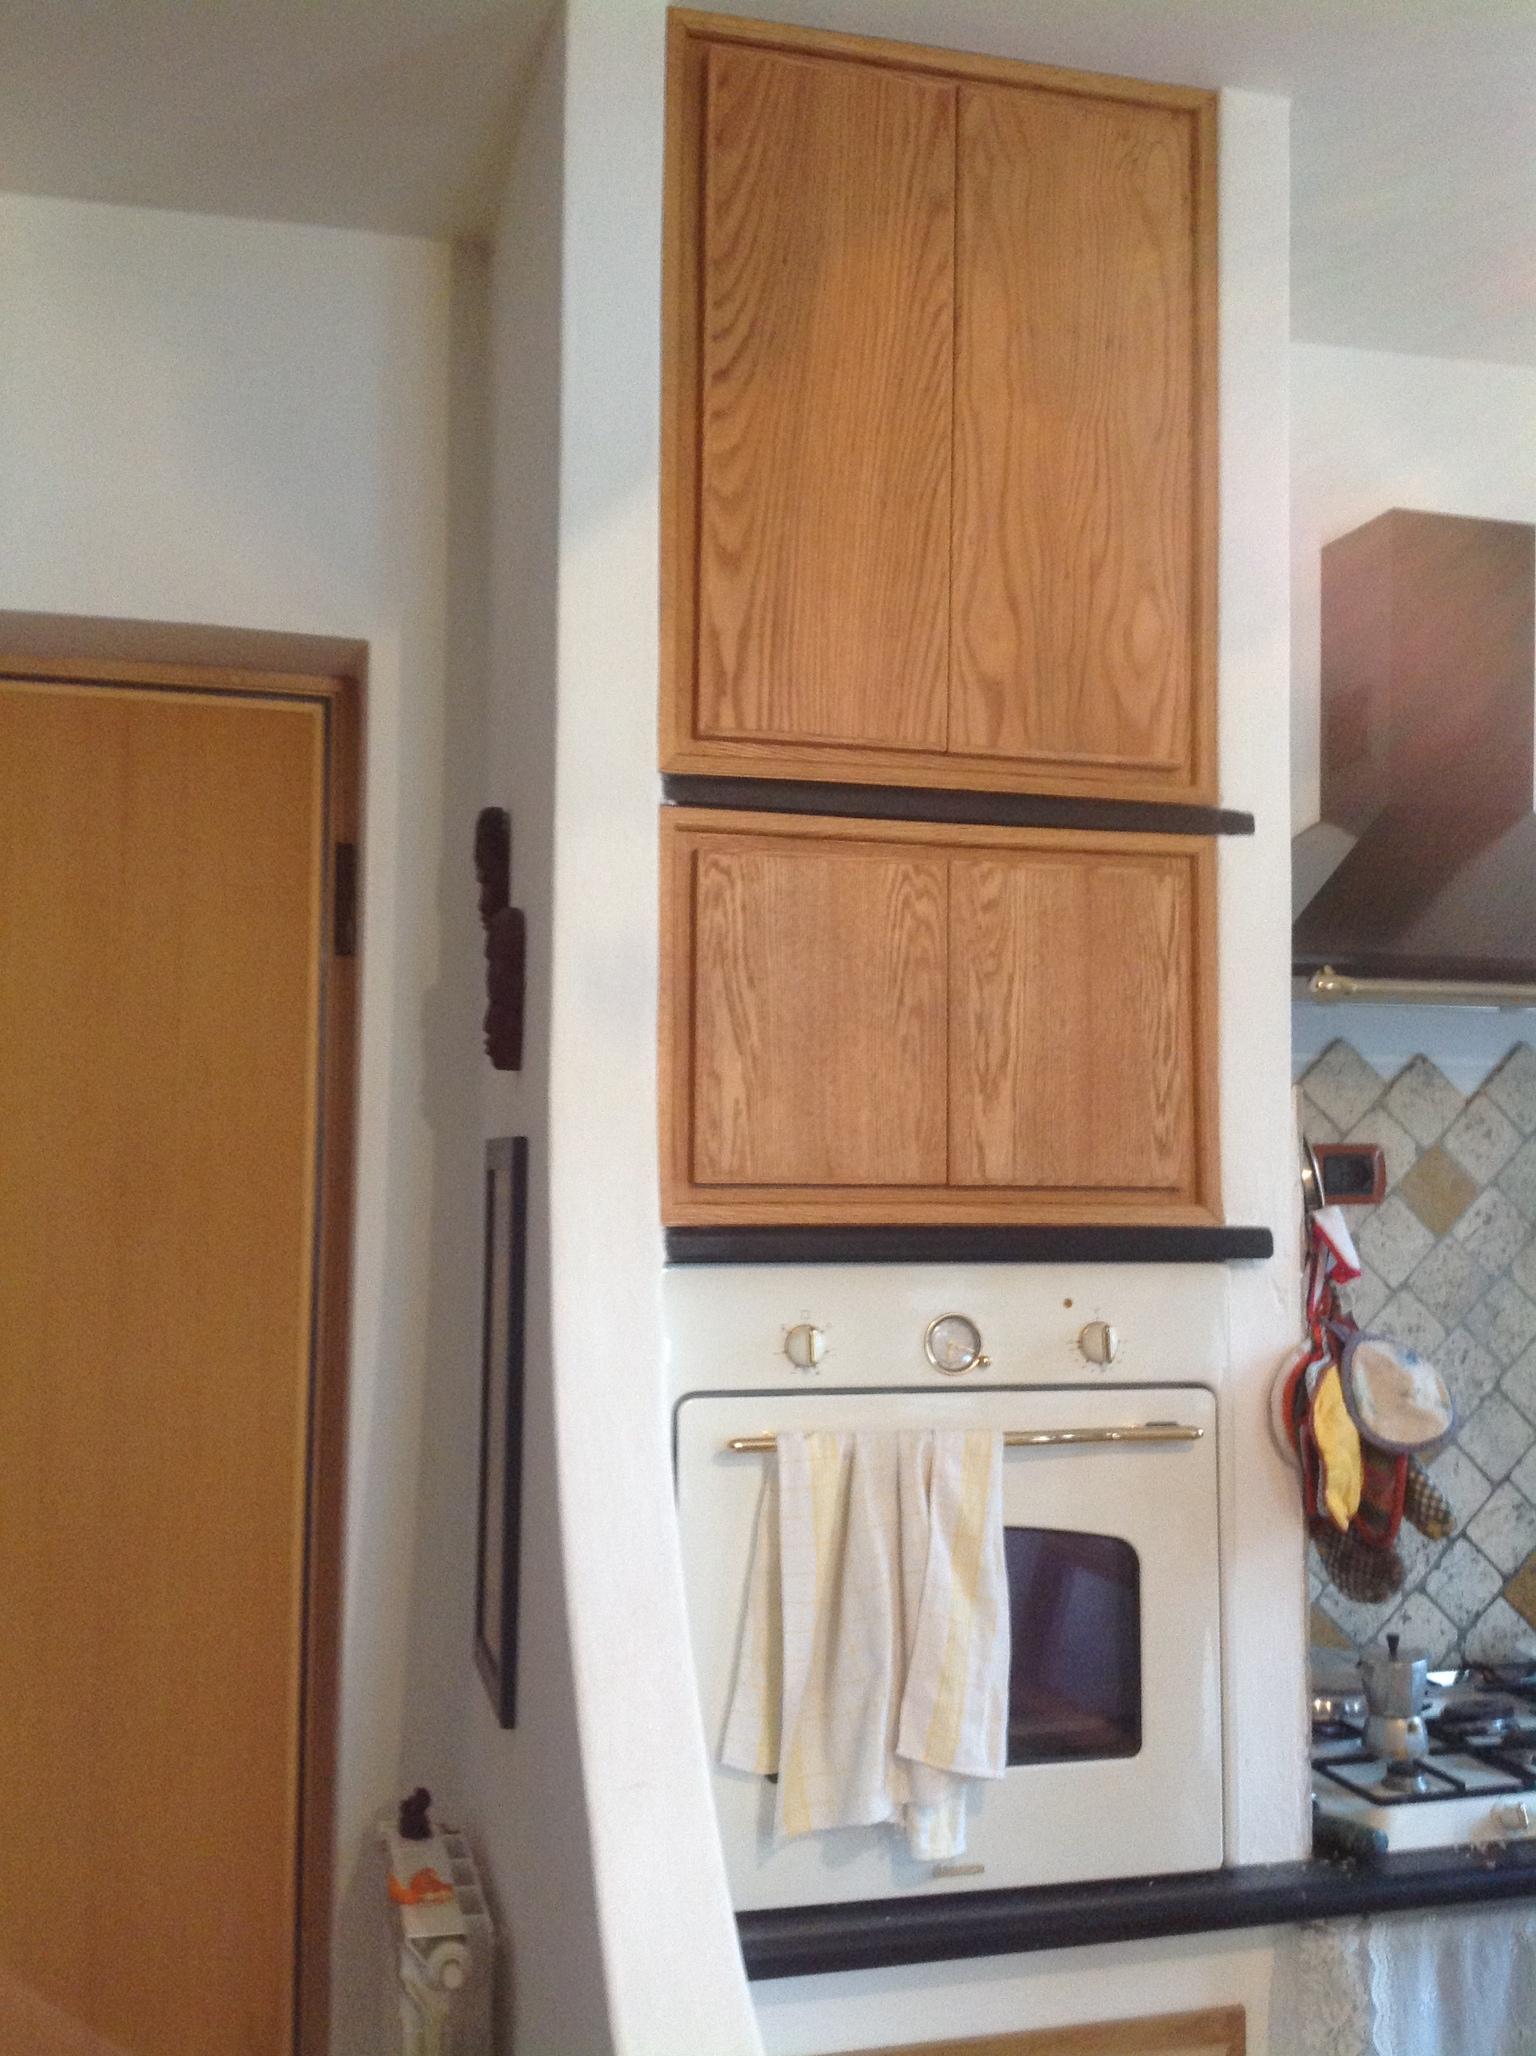 mobili cucina su misura - RebagliatiEmanuele.com